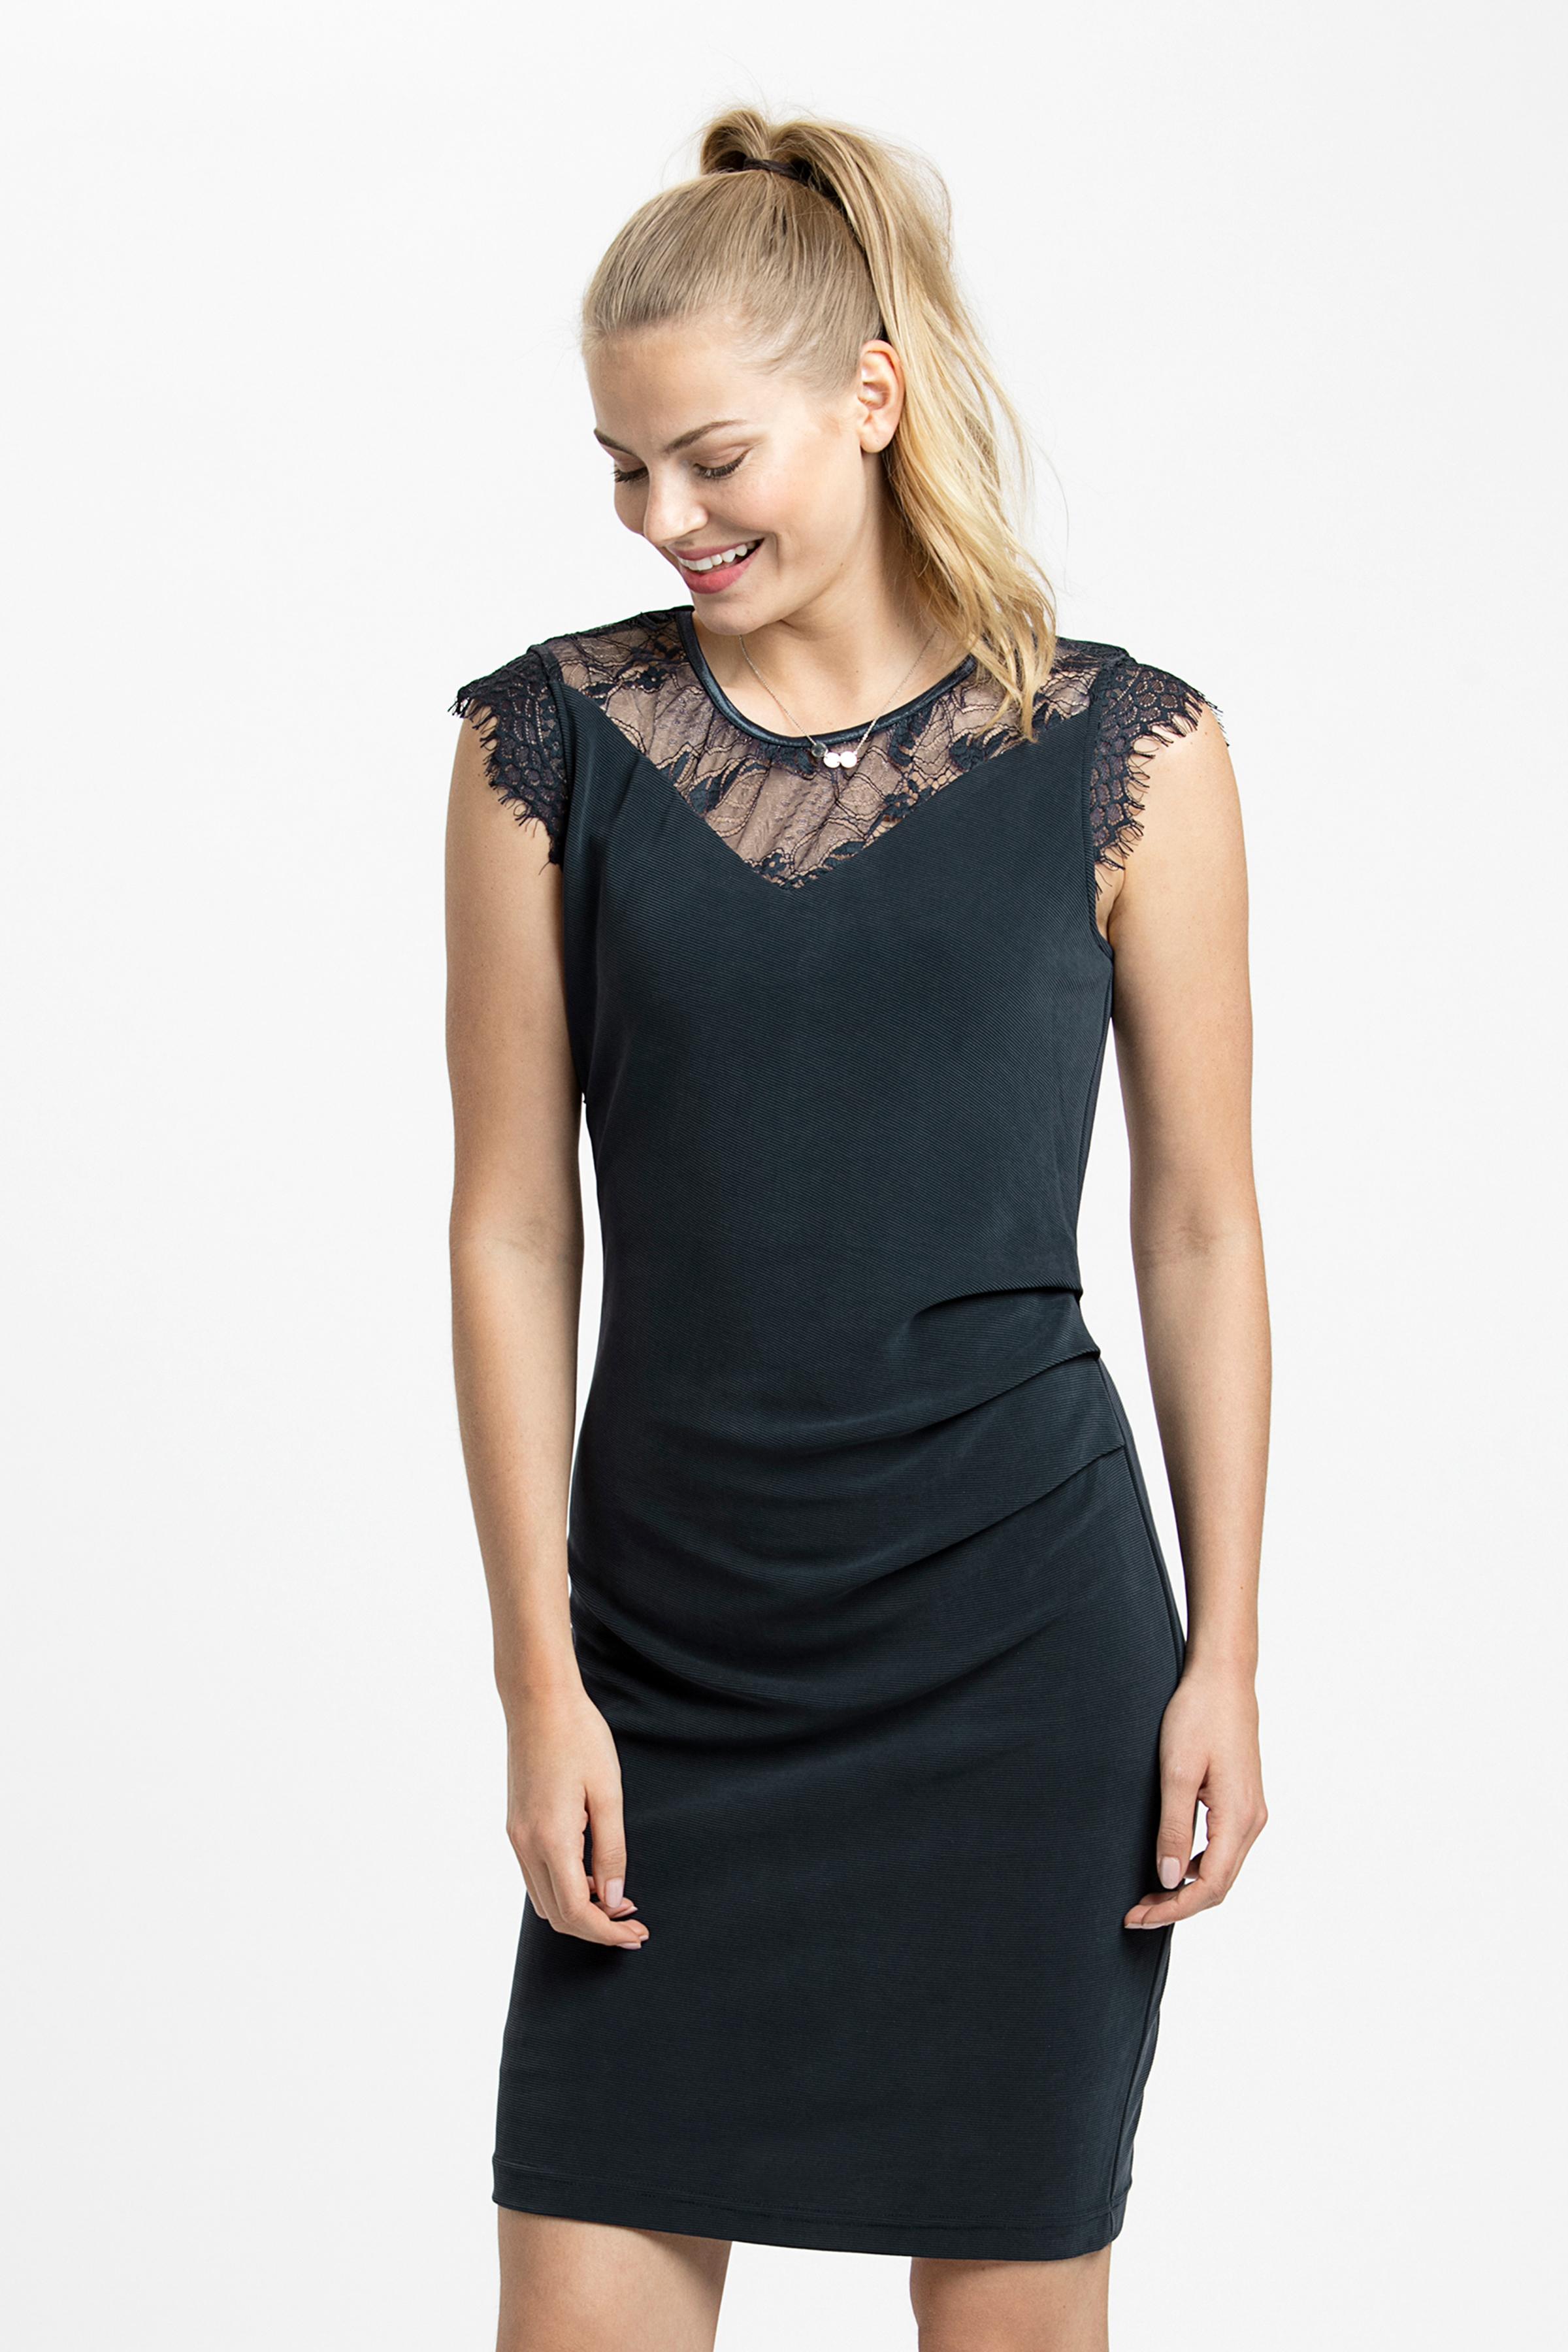 Marineblau Kleid von Kaffe – Shoppen SieMarineblau Kleid ab Gr. XS-XXL hier